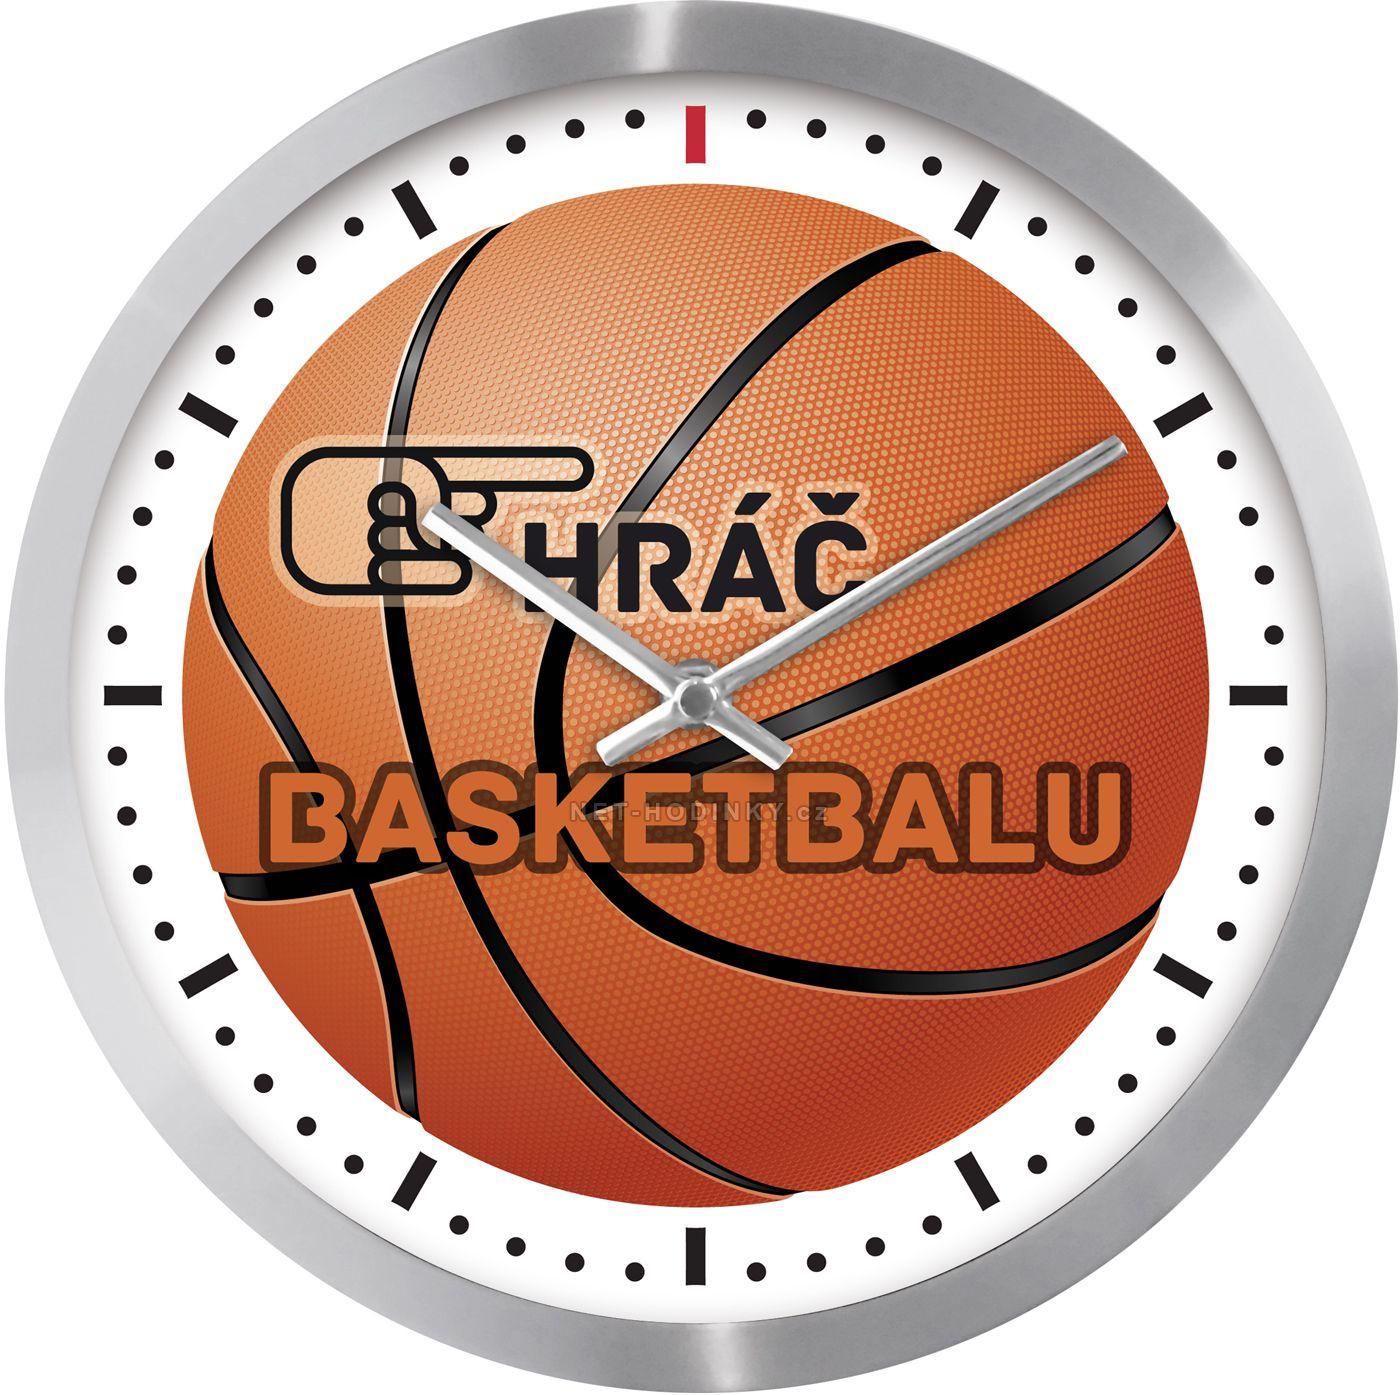 Nástěnné hodiny na stěnu Volleyball, Bowling, Basketbal, Fotbal, nástěnné hodiny na zeď, dětské hodiny H926P